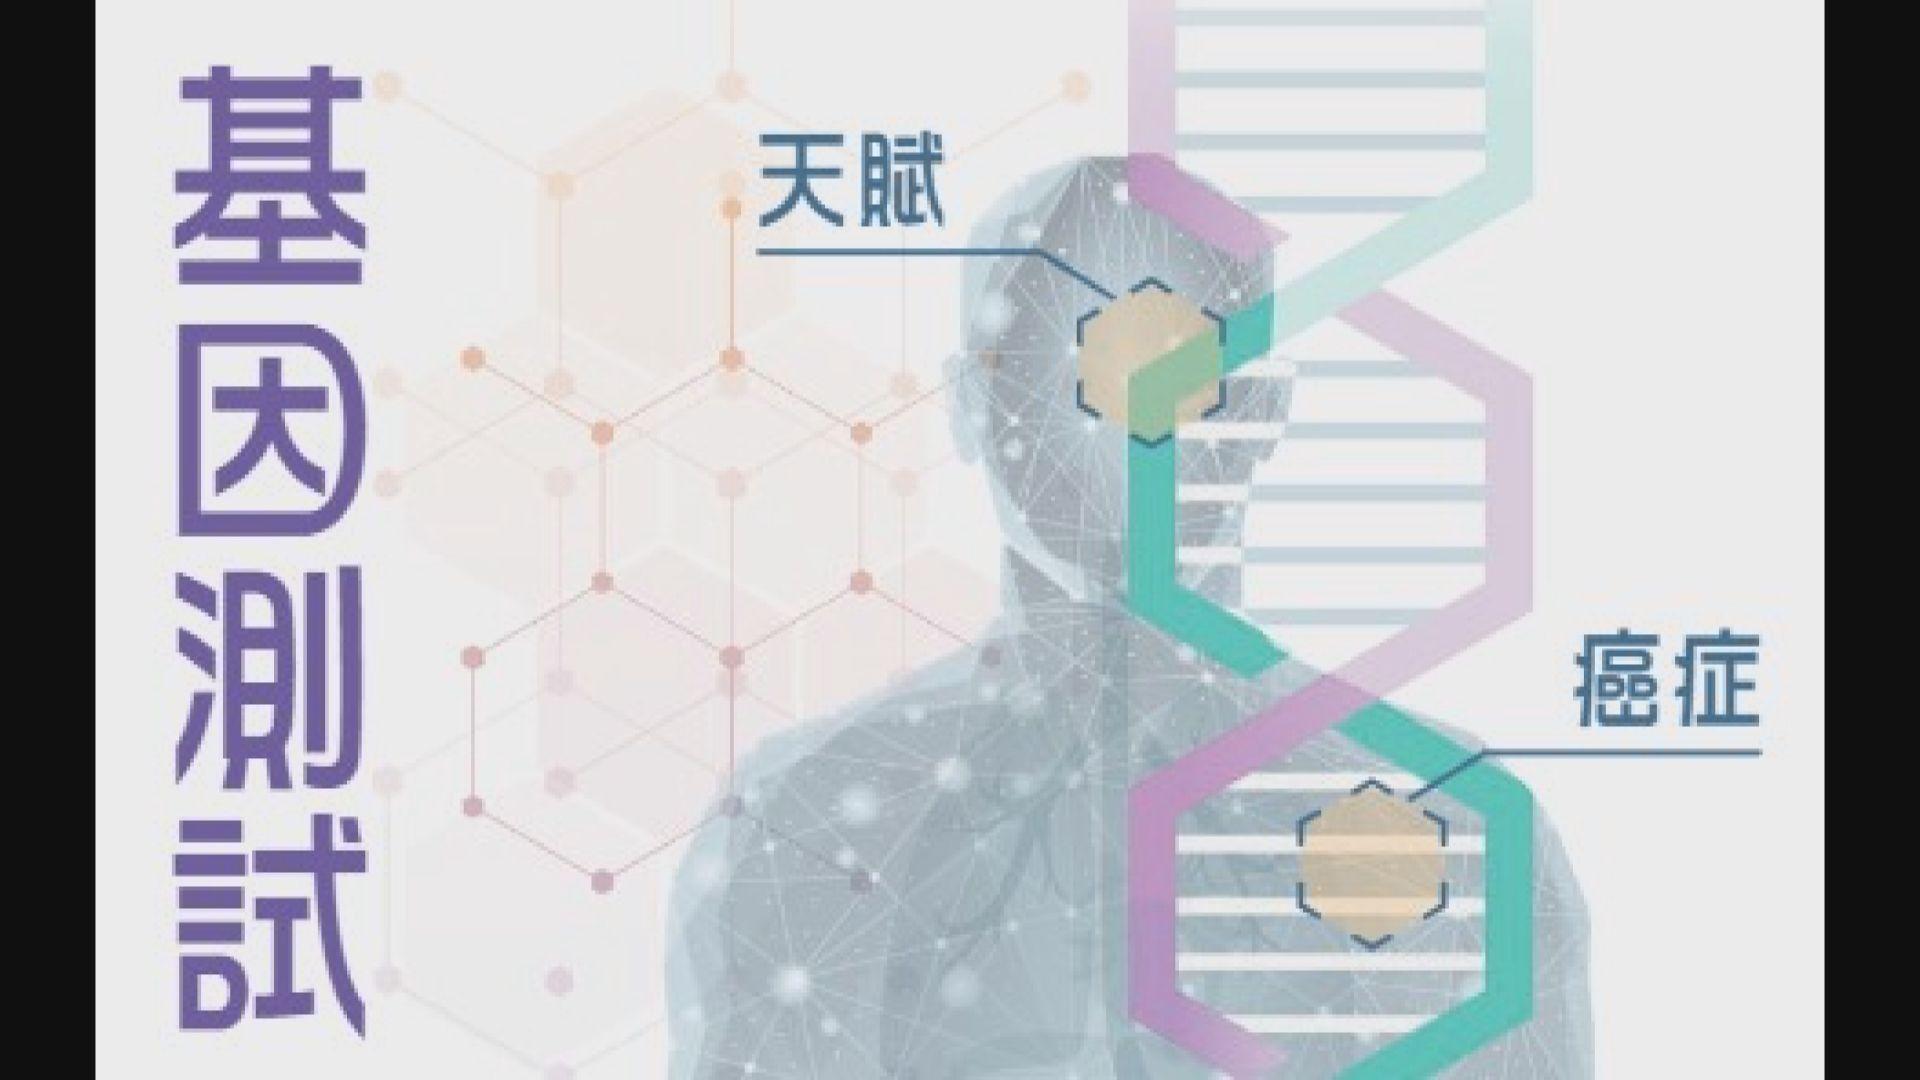 【基因測試服務】消委會提醒事前須尋求專業醫護意見免浪費金錢和出現誤診